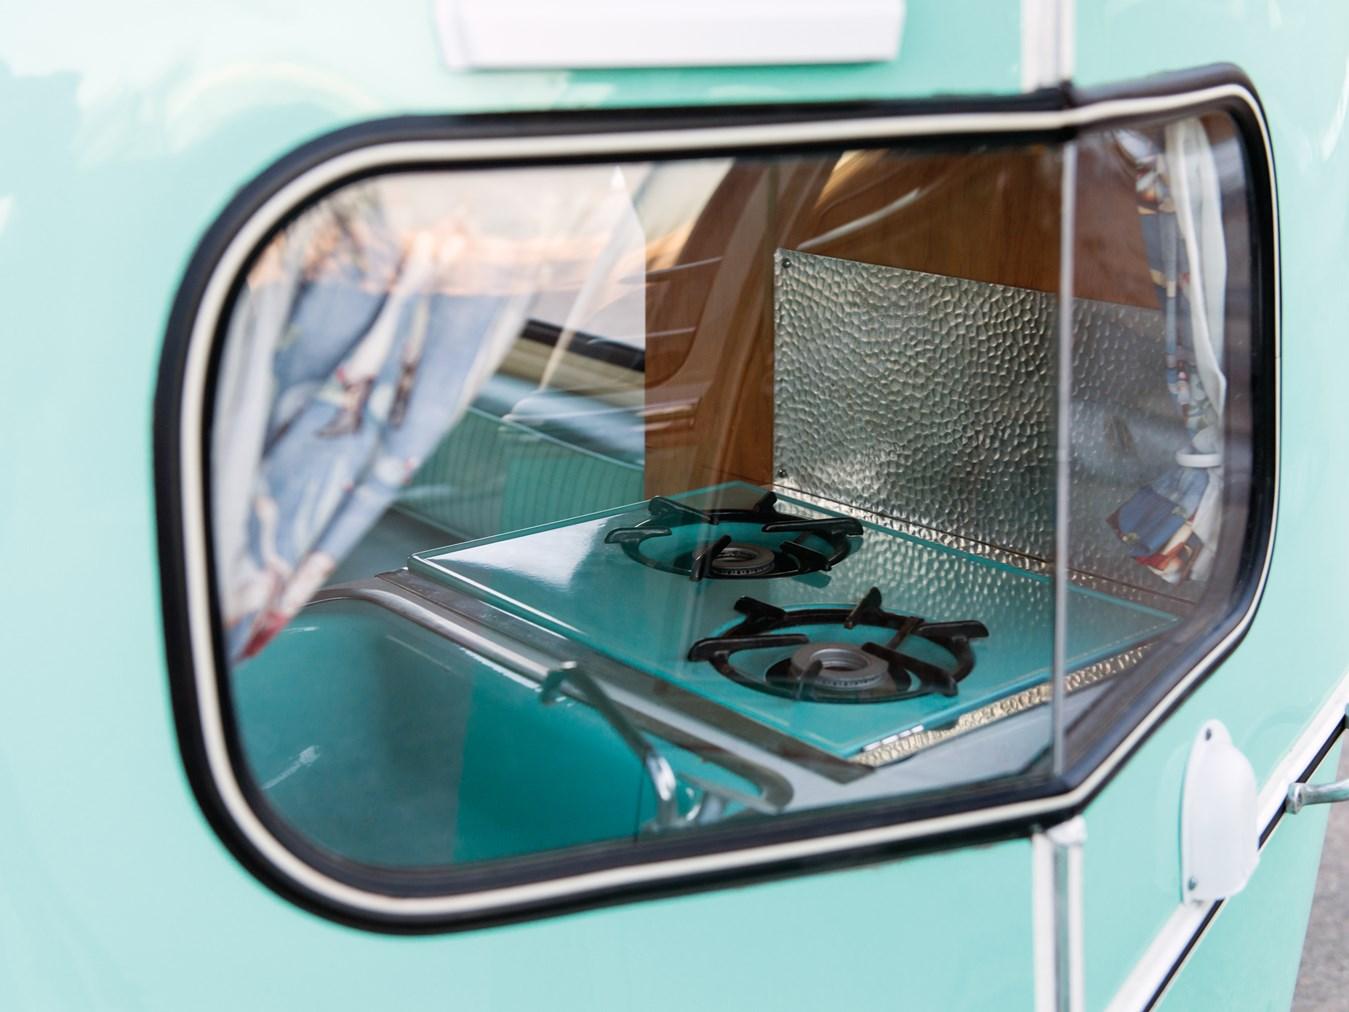 1963 Volkswagen Type 2 '23-Window' Super Deluxe Microbus with Eriba Puck